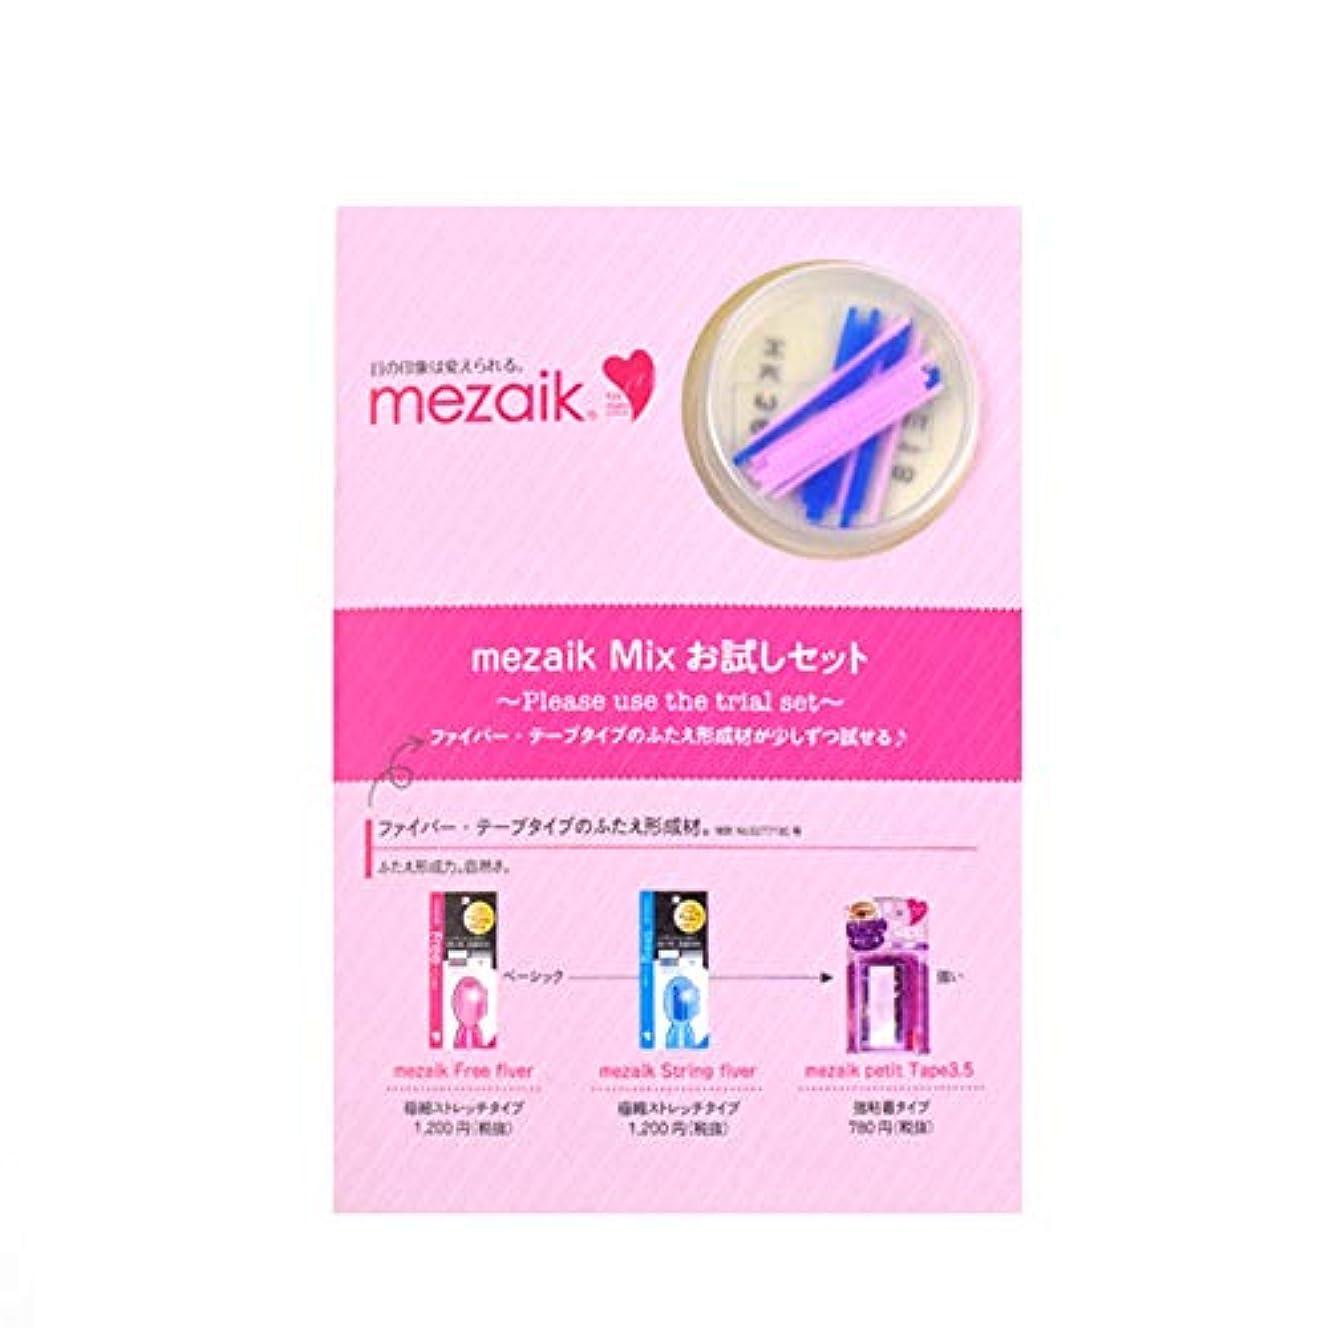 自治的一致する作る【定形外郵便】メザイク mezaik Mix お試しセット